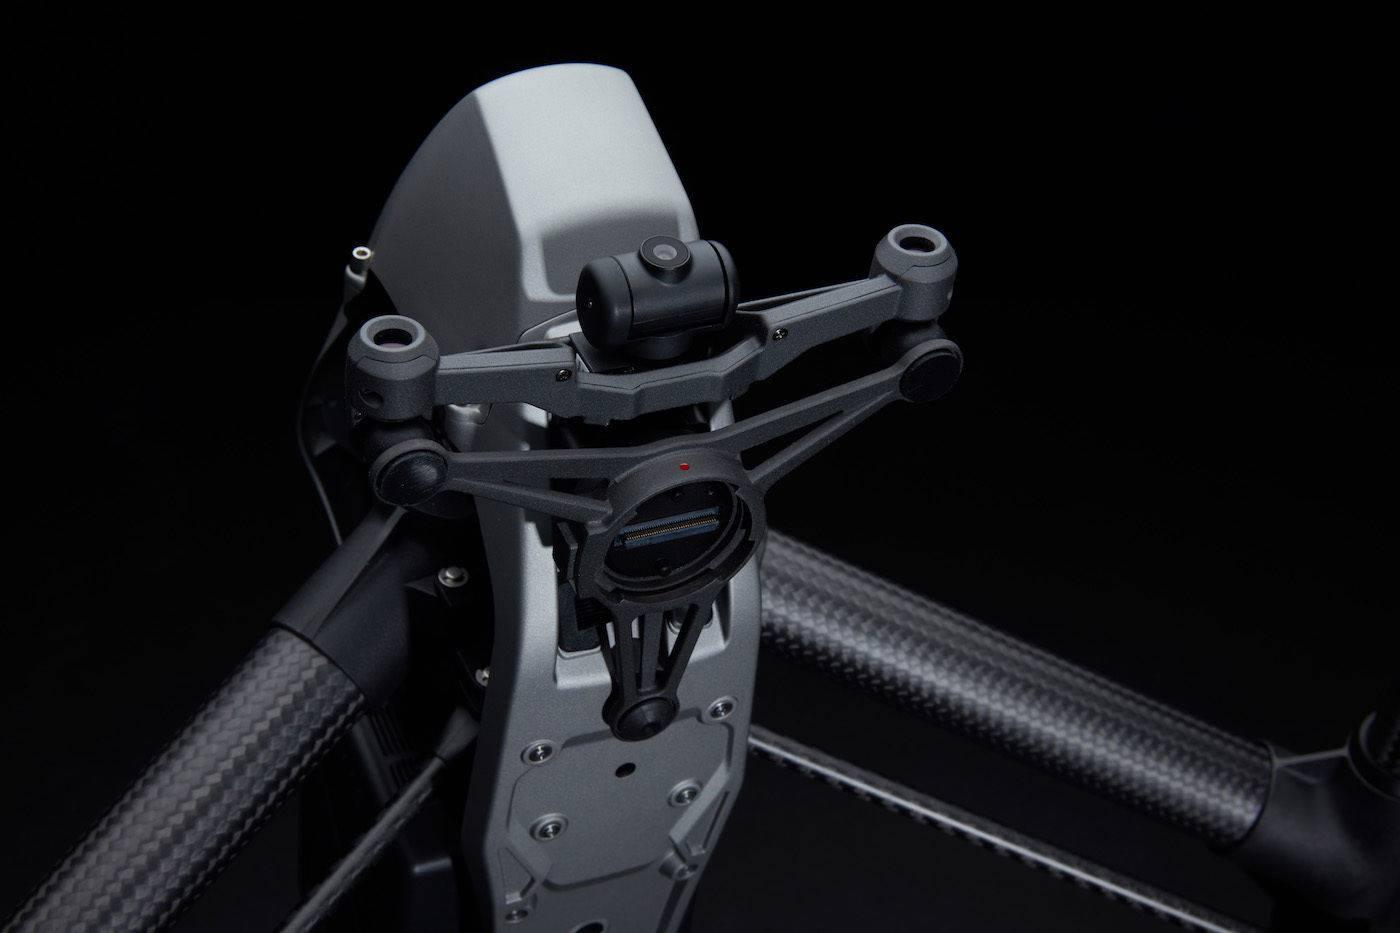 06机体前方装有全新前置FPV摄像头和立体视觉传感器-黑底.jpg